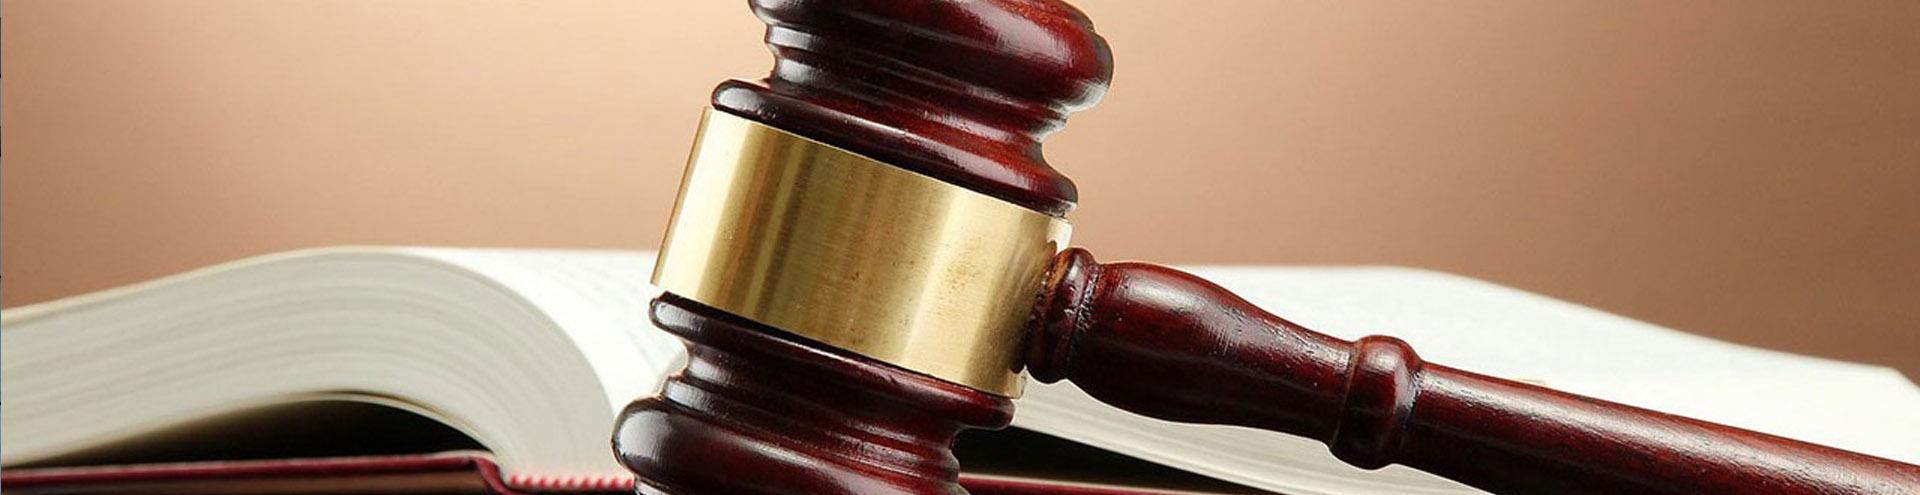 Подготовка жалобы, подготовка иска для подачи в суд в Оренбурге и Оренбургской области